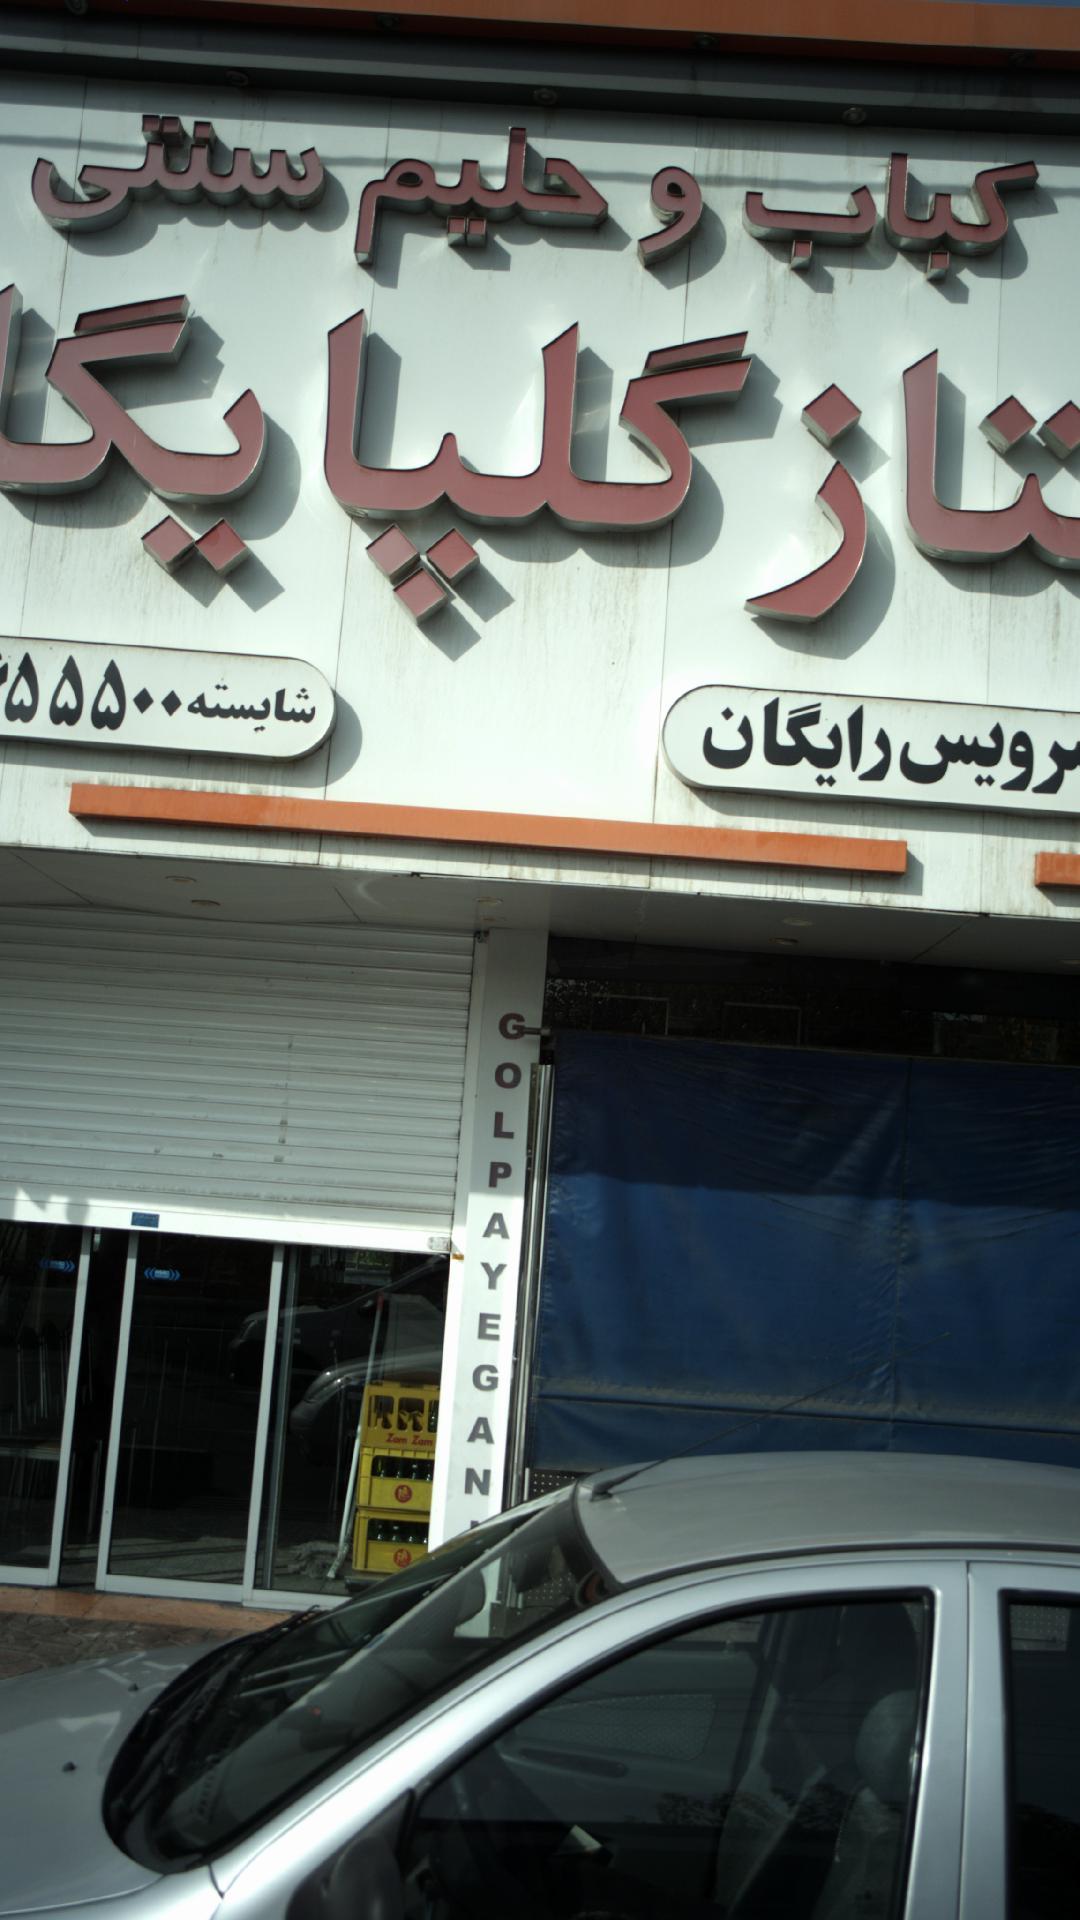 کباب و حلیم سنتی ممتاز گلپایگان